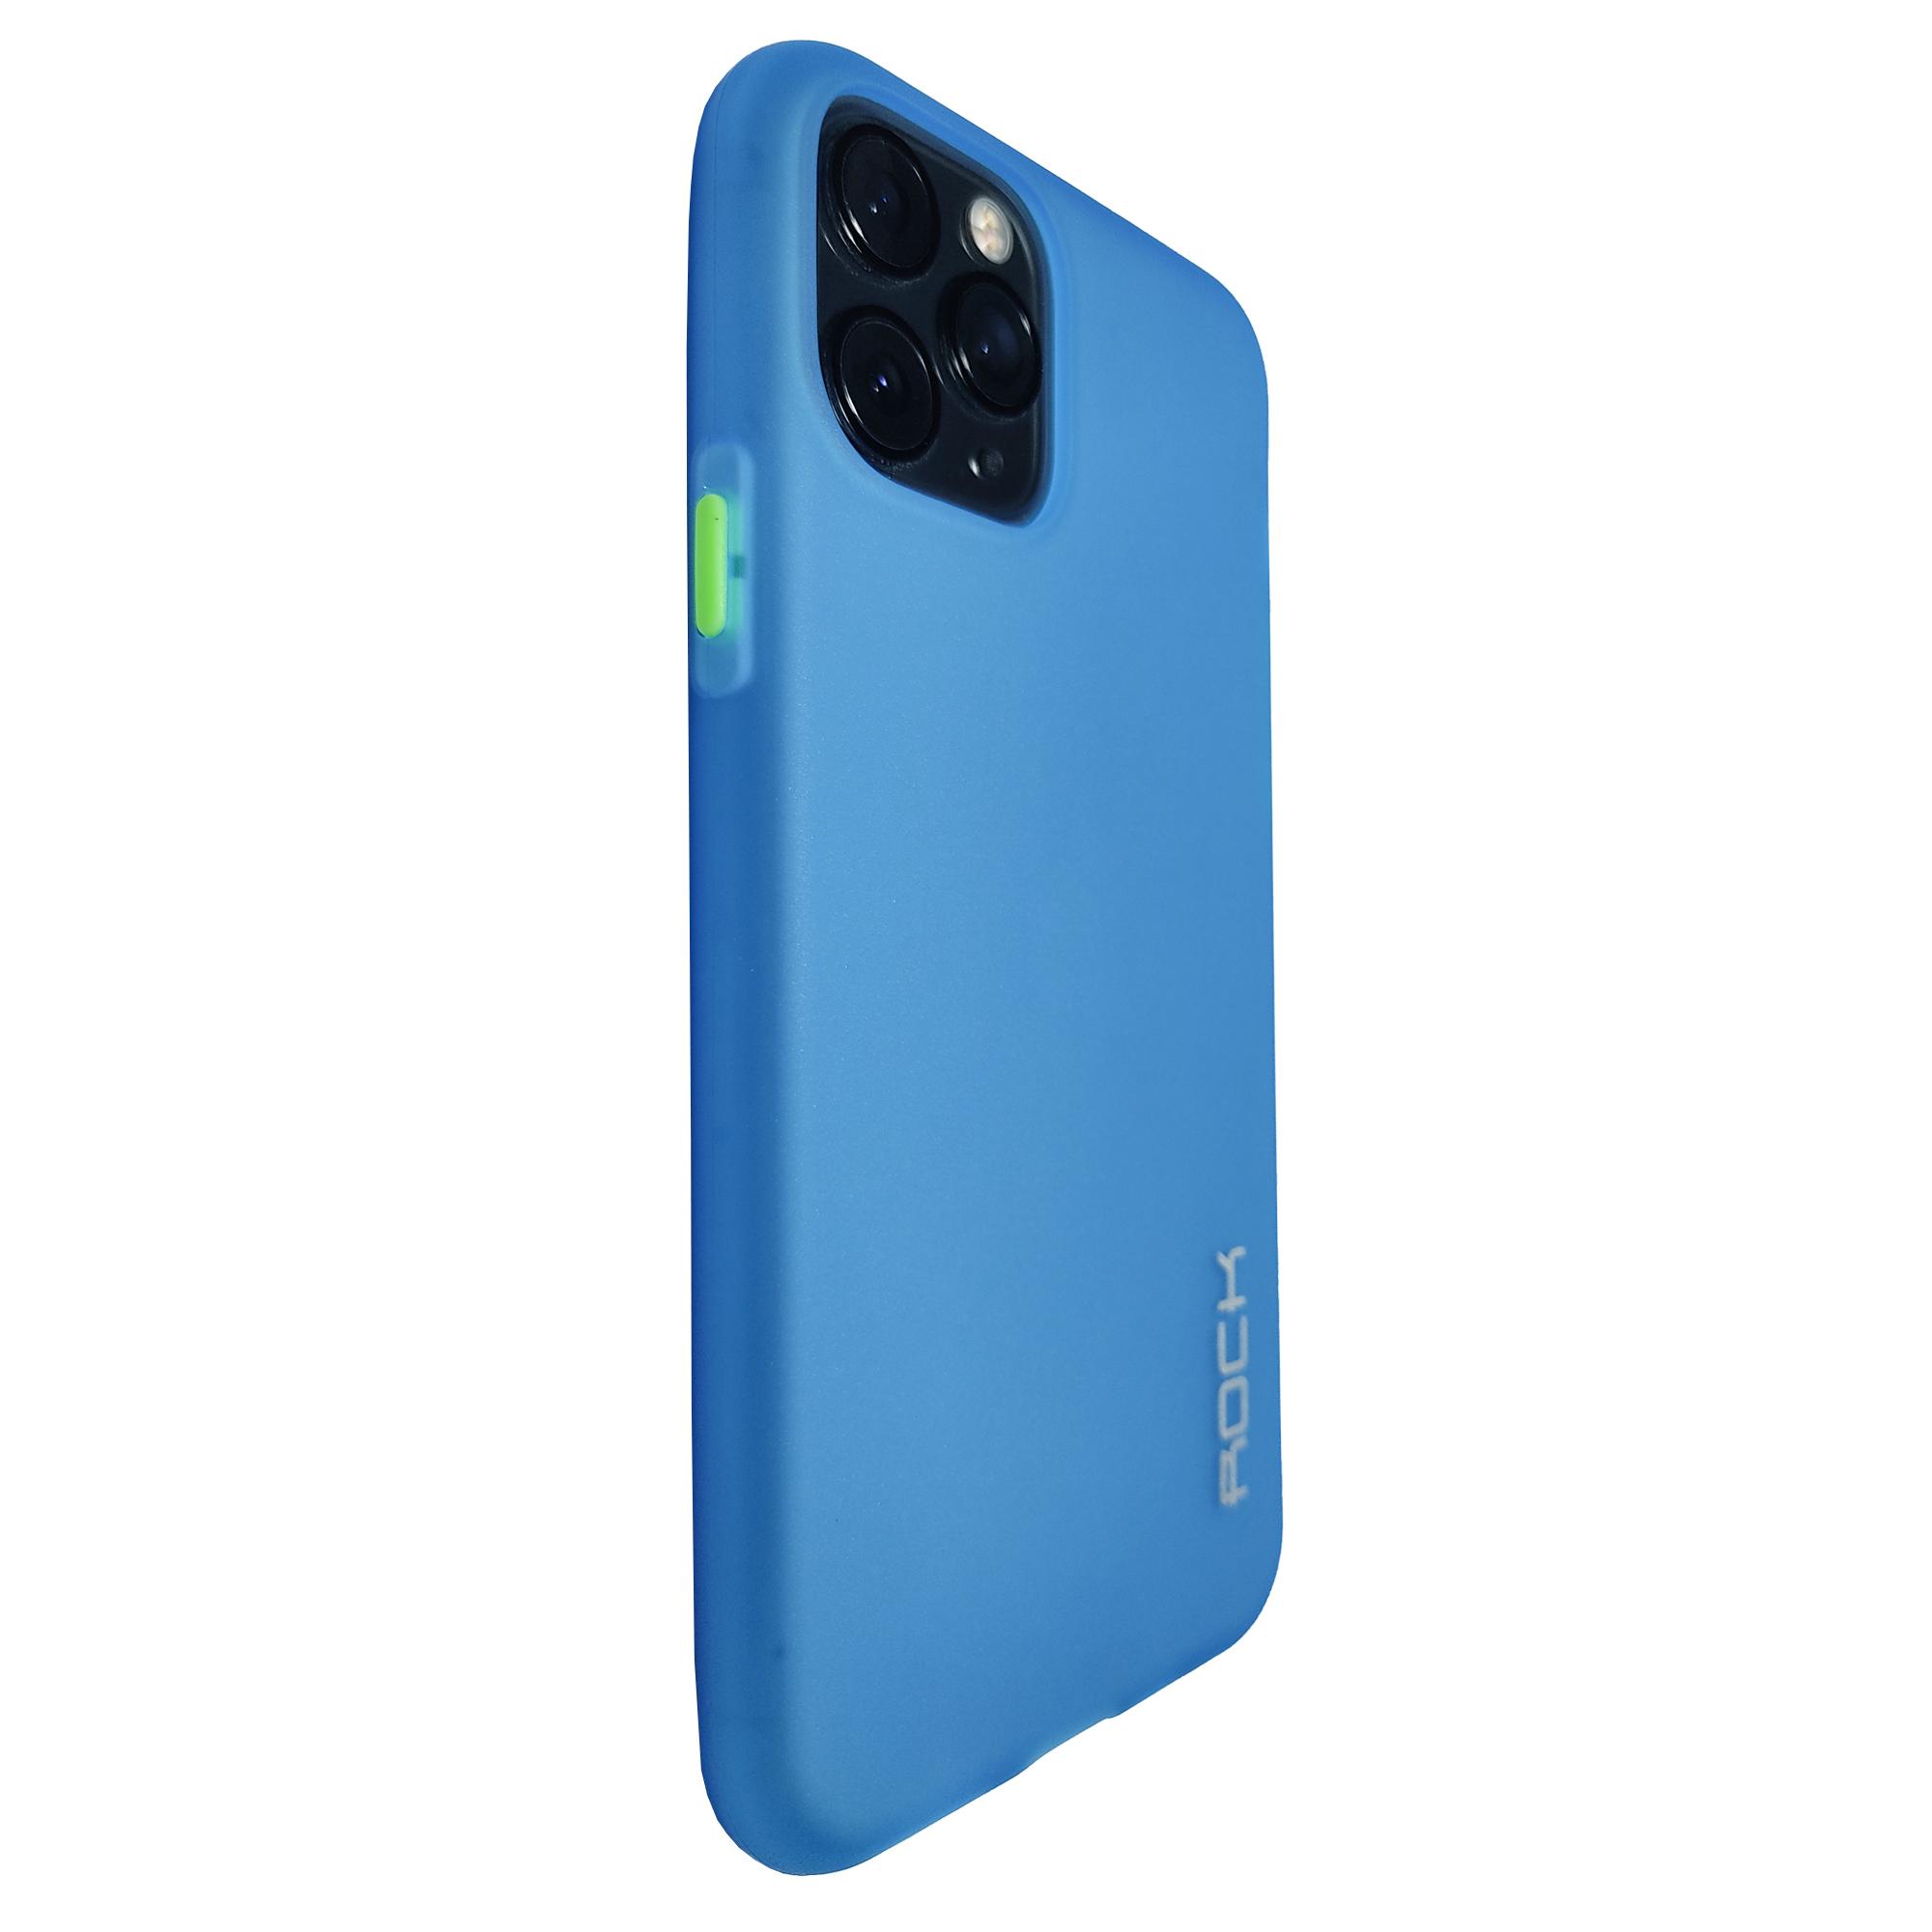 کاور راک مدل SPRT01 مناسب برای گوشی موبایل اپل iPhone 11 Pro thumb 2 6